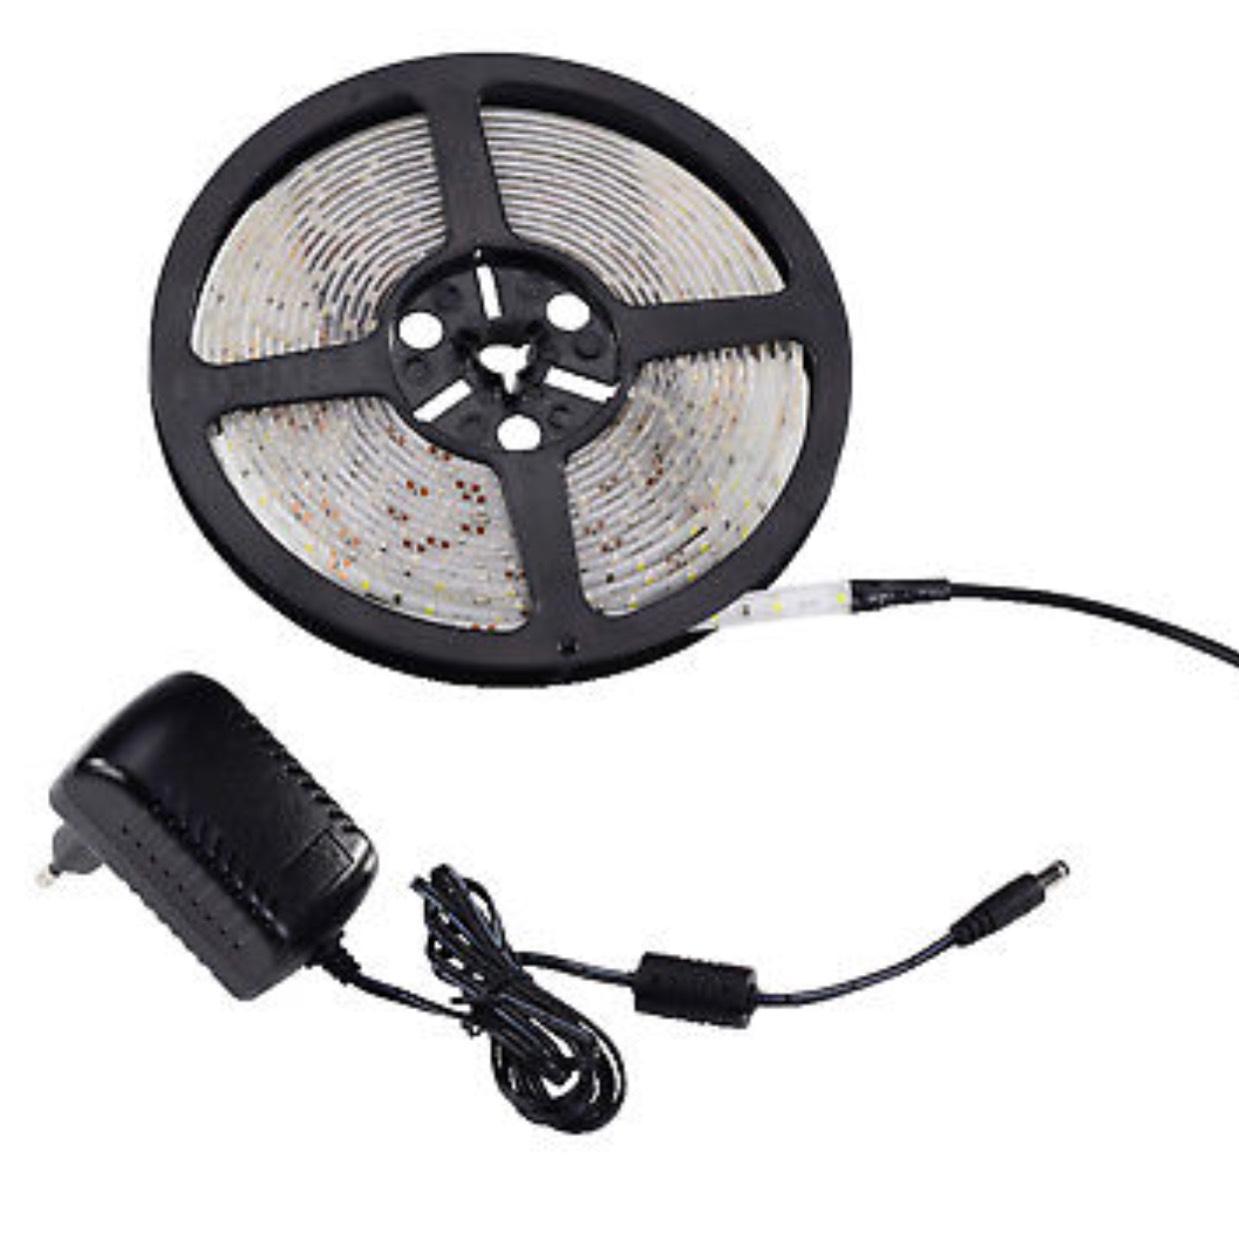 EBay: LED-Licht-Band Neutralweiß 19.8 Watt 1250-1475 Lumen....ULTRON 140853 5 Meter incl. Netzteil